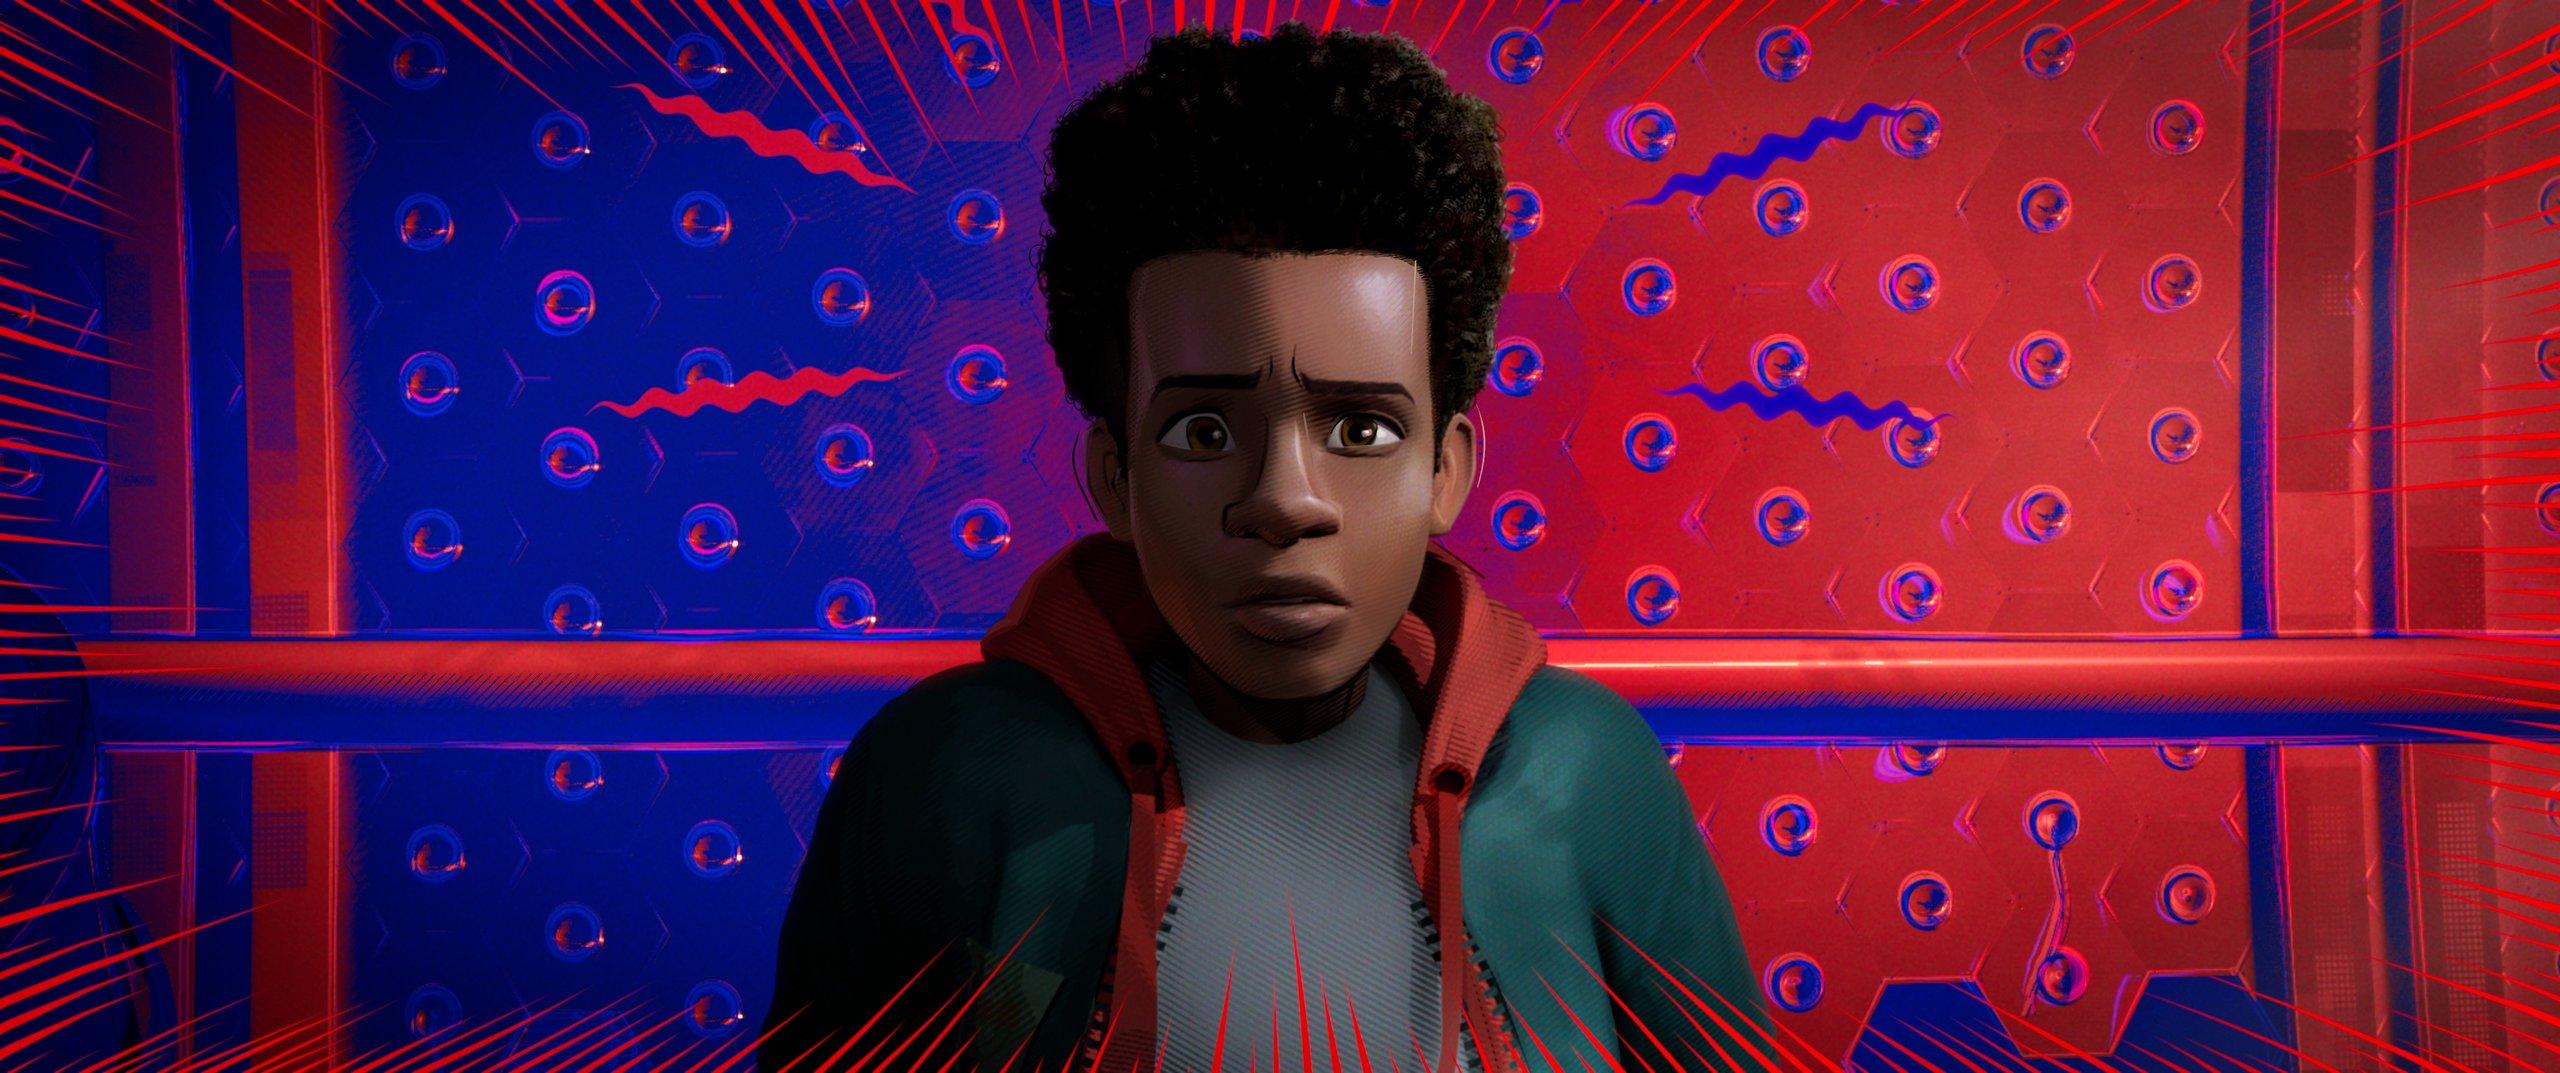 Стоит ли смотреть: «Человек-паук: Через вселенные»